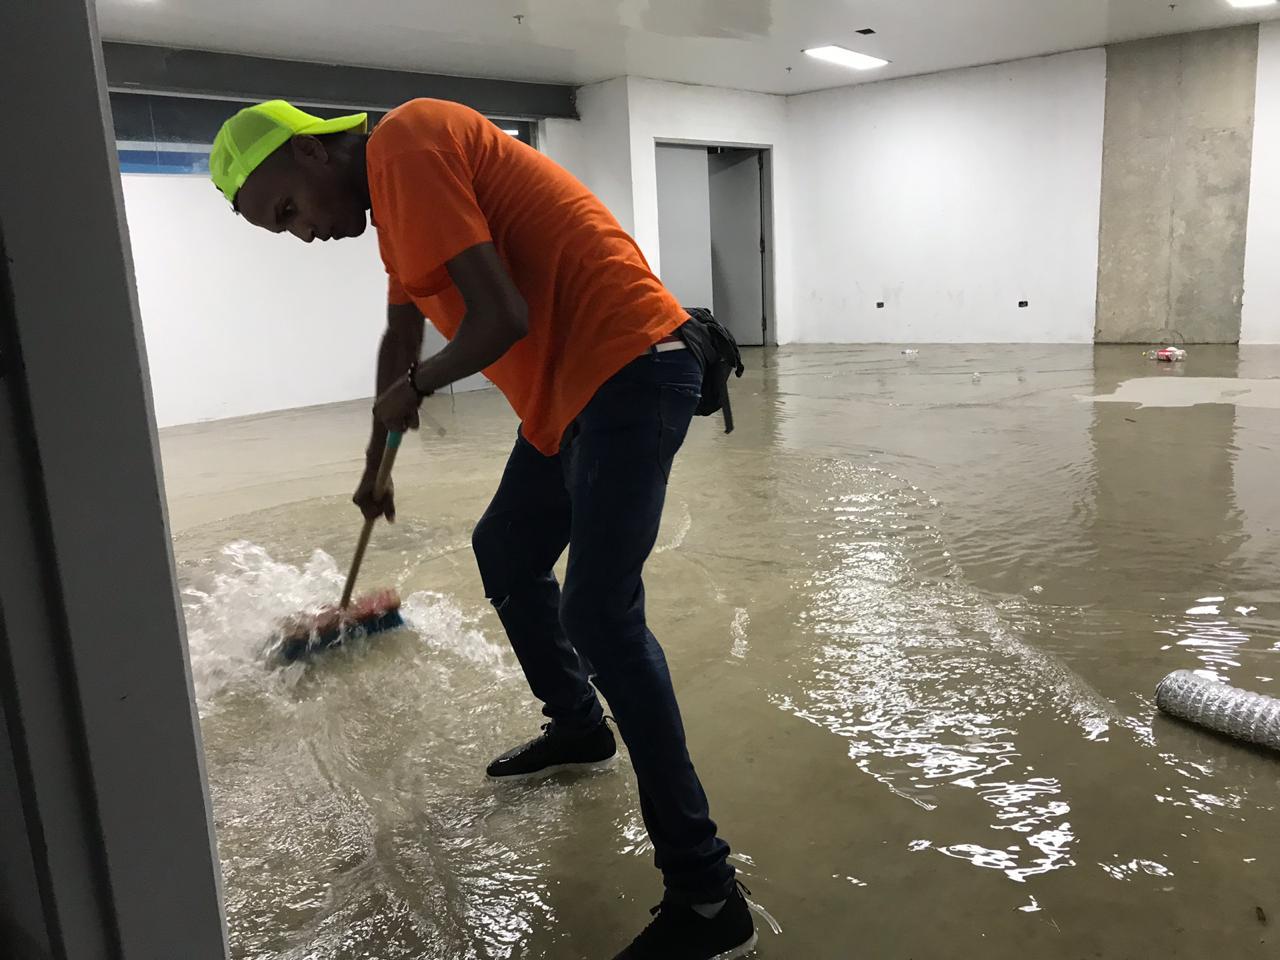 Operarios del estadio tratando de sacar el agua con escobas.